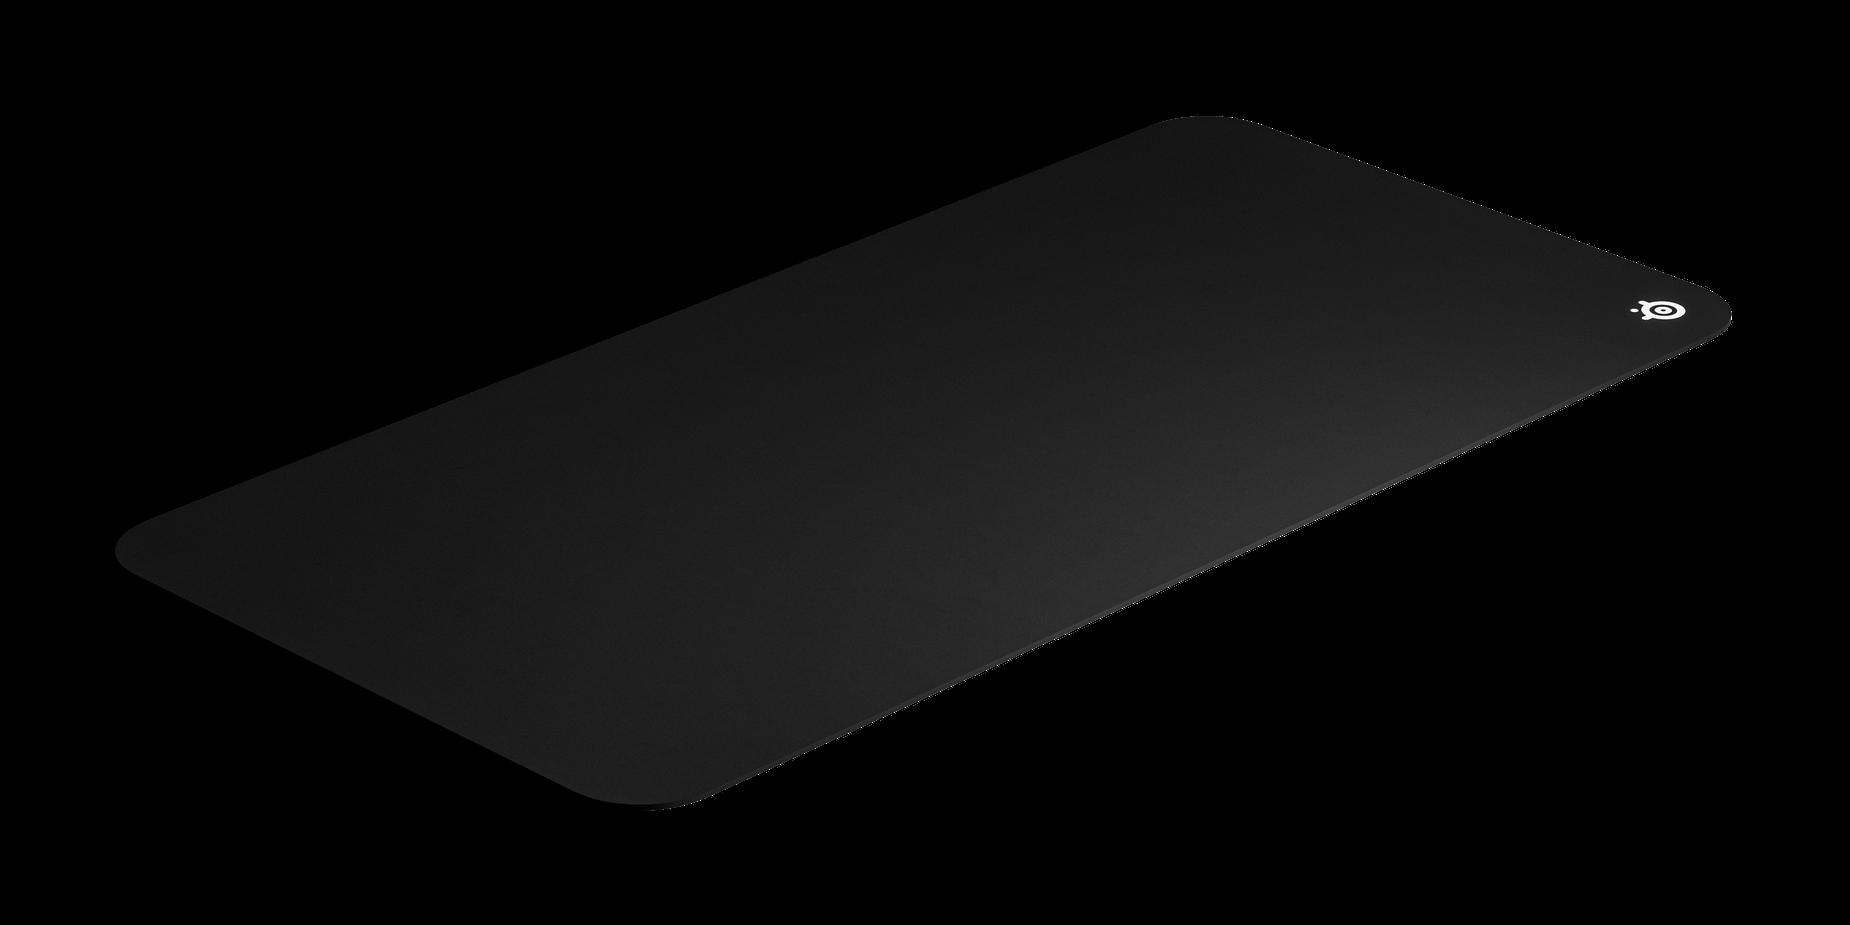 Vue de biais du tapis de souris montrant ses dimensions